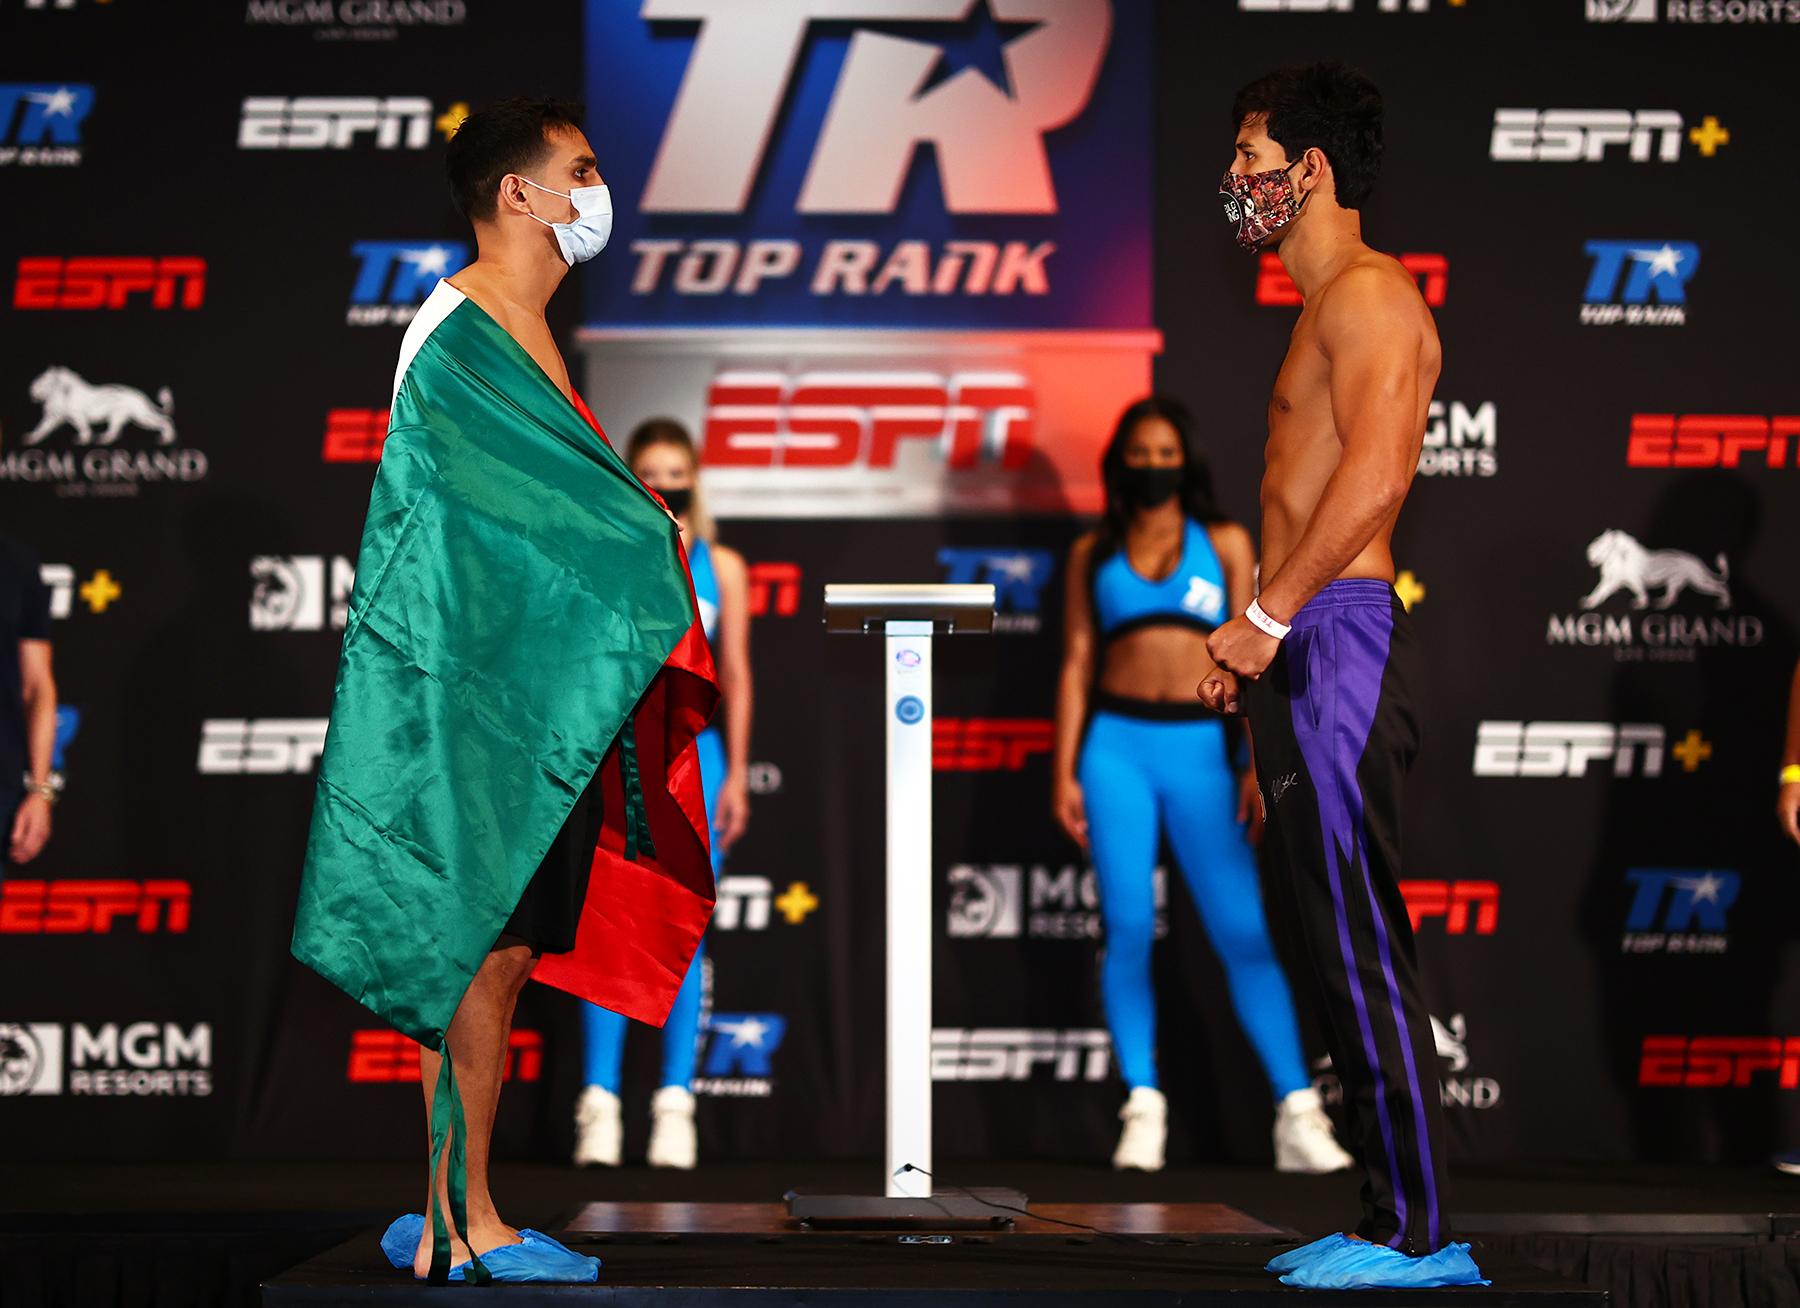 José Zepeda vs Kendo Castañeda